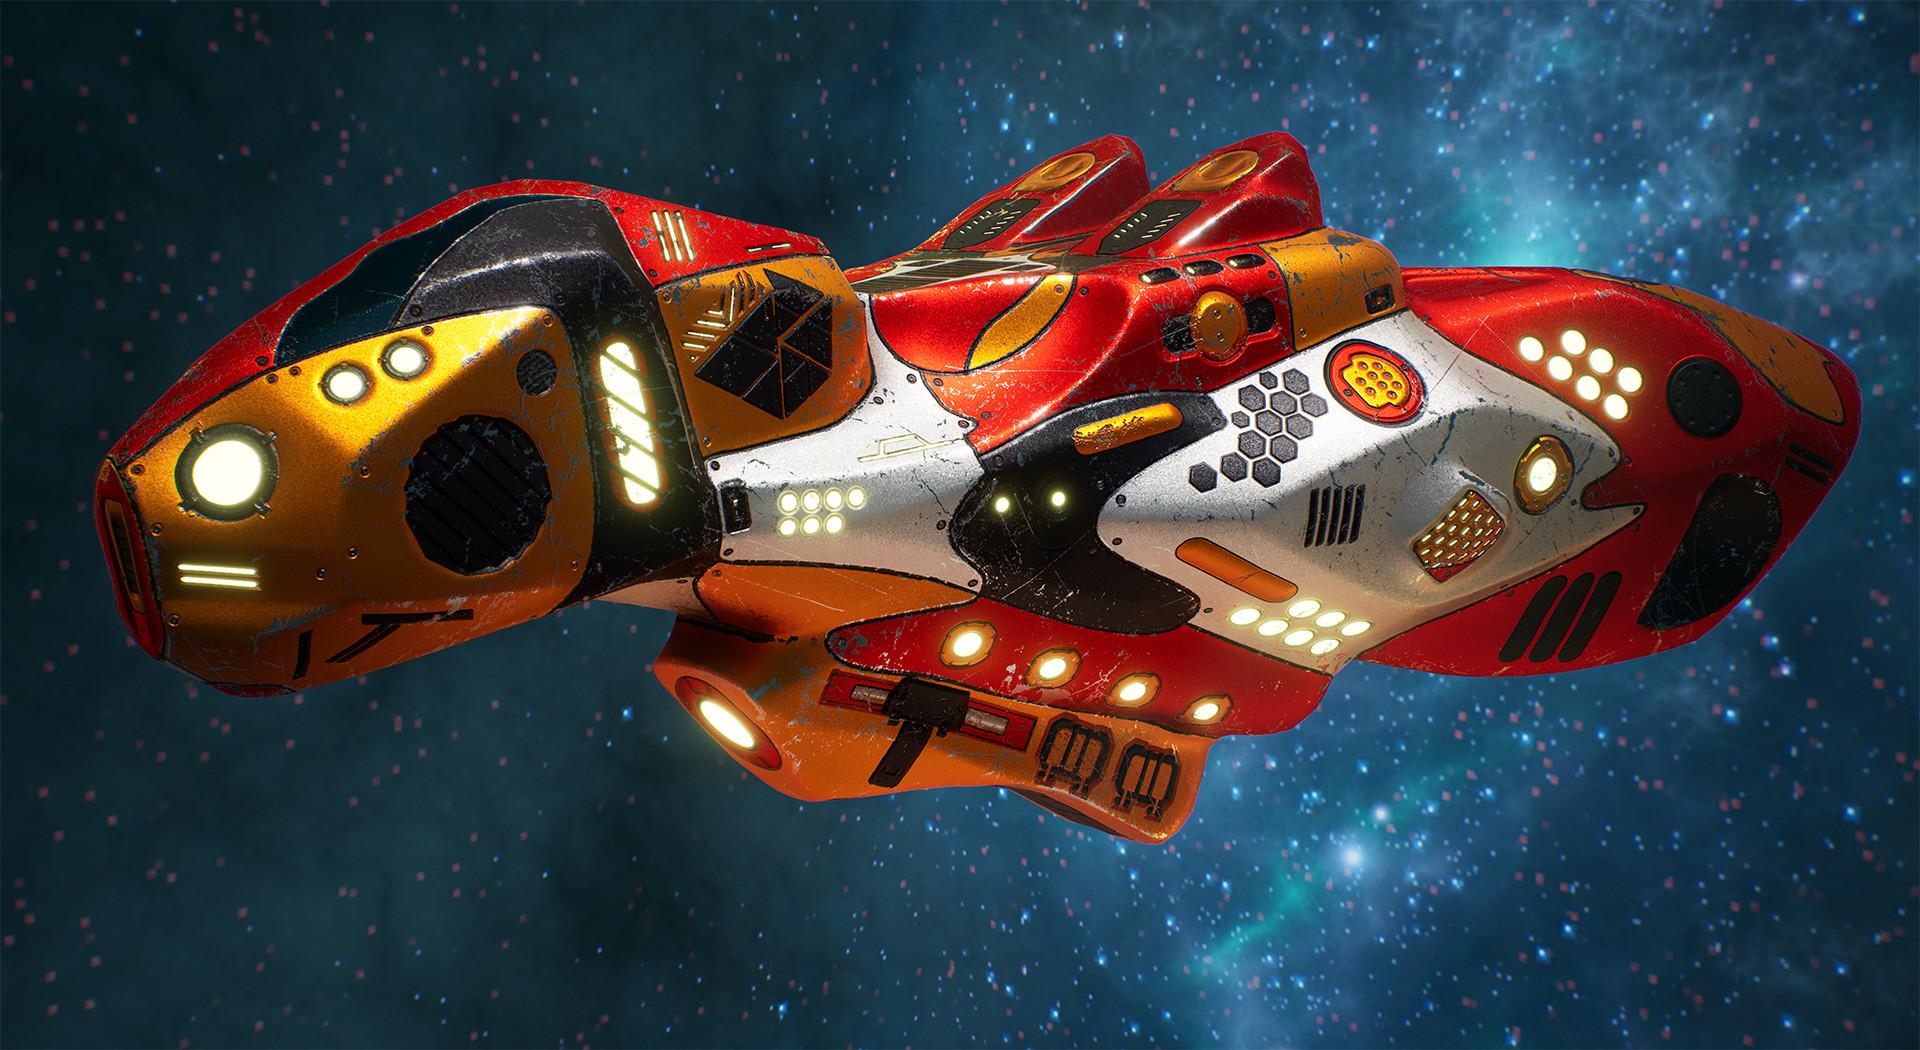 Andrew krivulya spaceship render 12